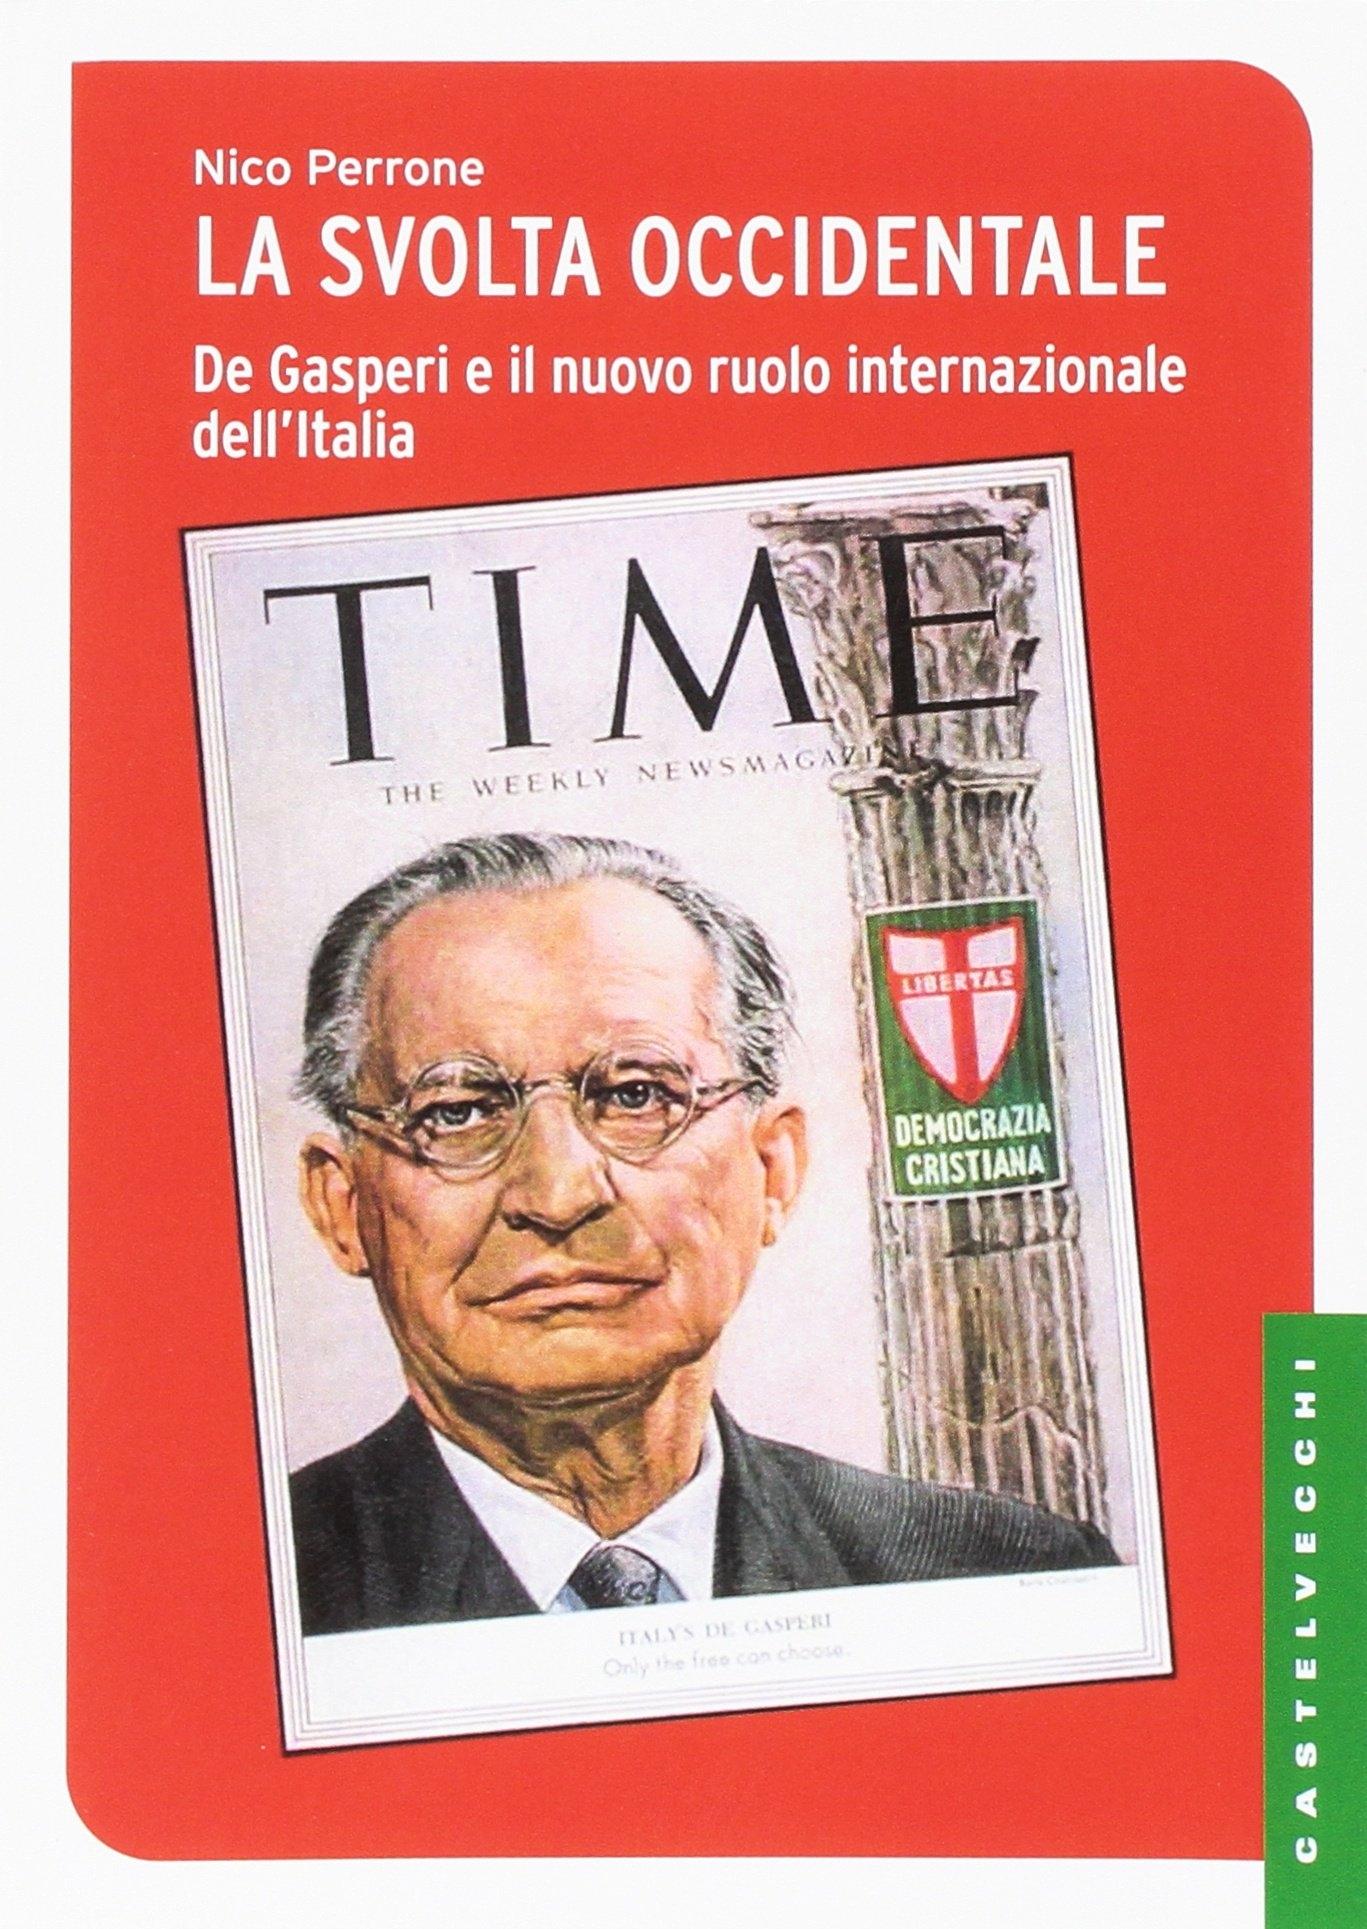 La svolta occidentale. De Gasperi e il nuovo ruolo internazionale dell'Italia